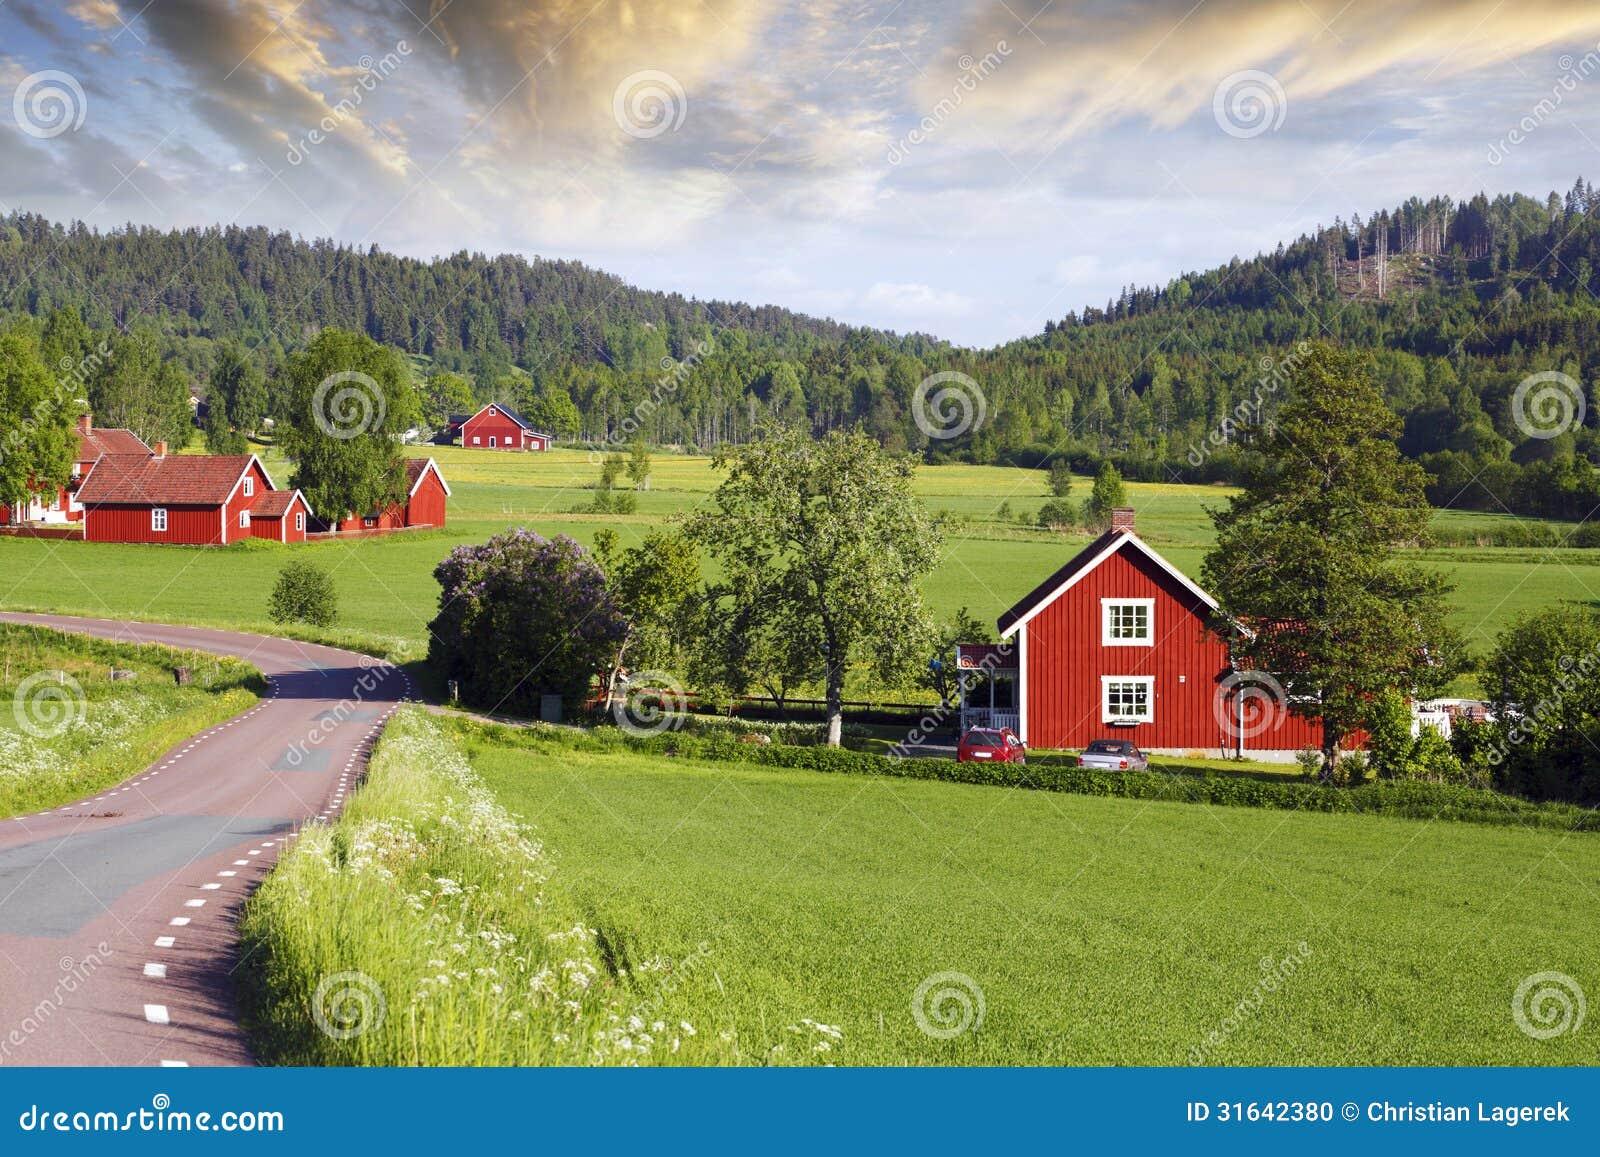 Granjas rojas viejas en un paisaje verde foto de archivo - Parador de la granja fotos ...